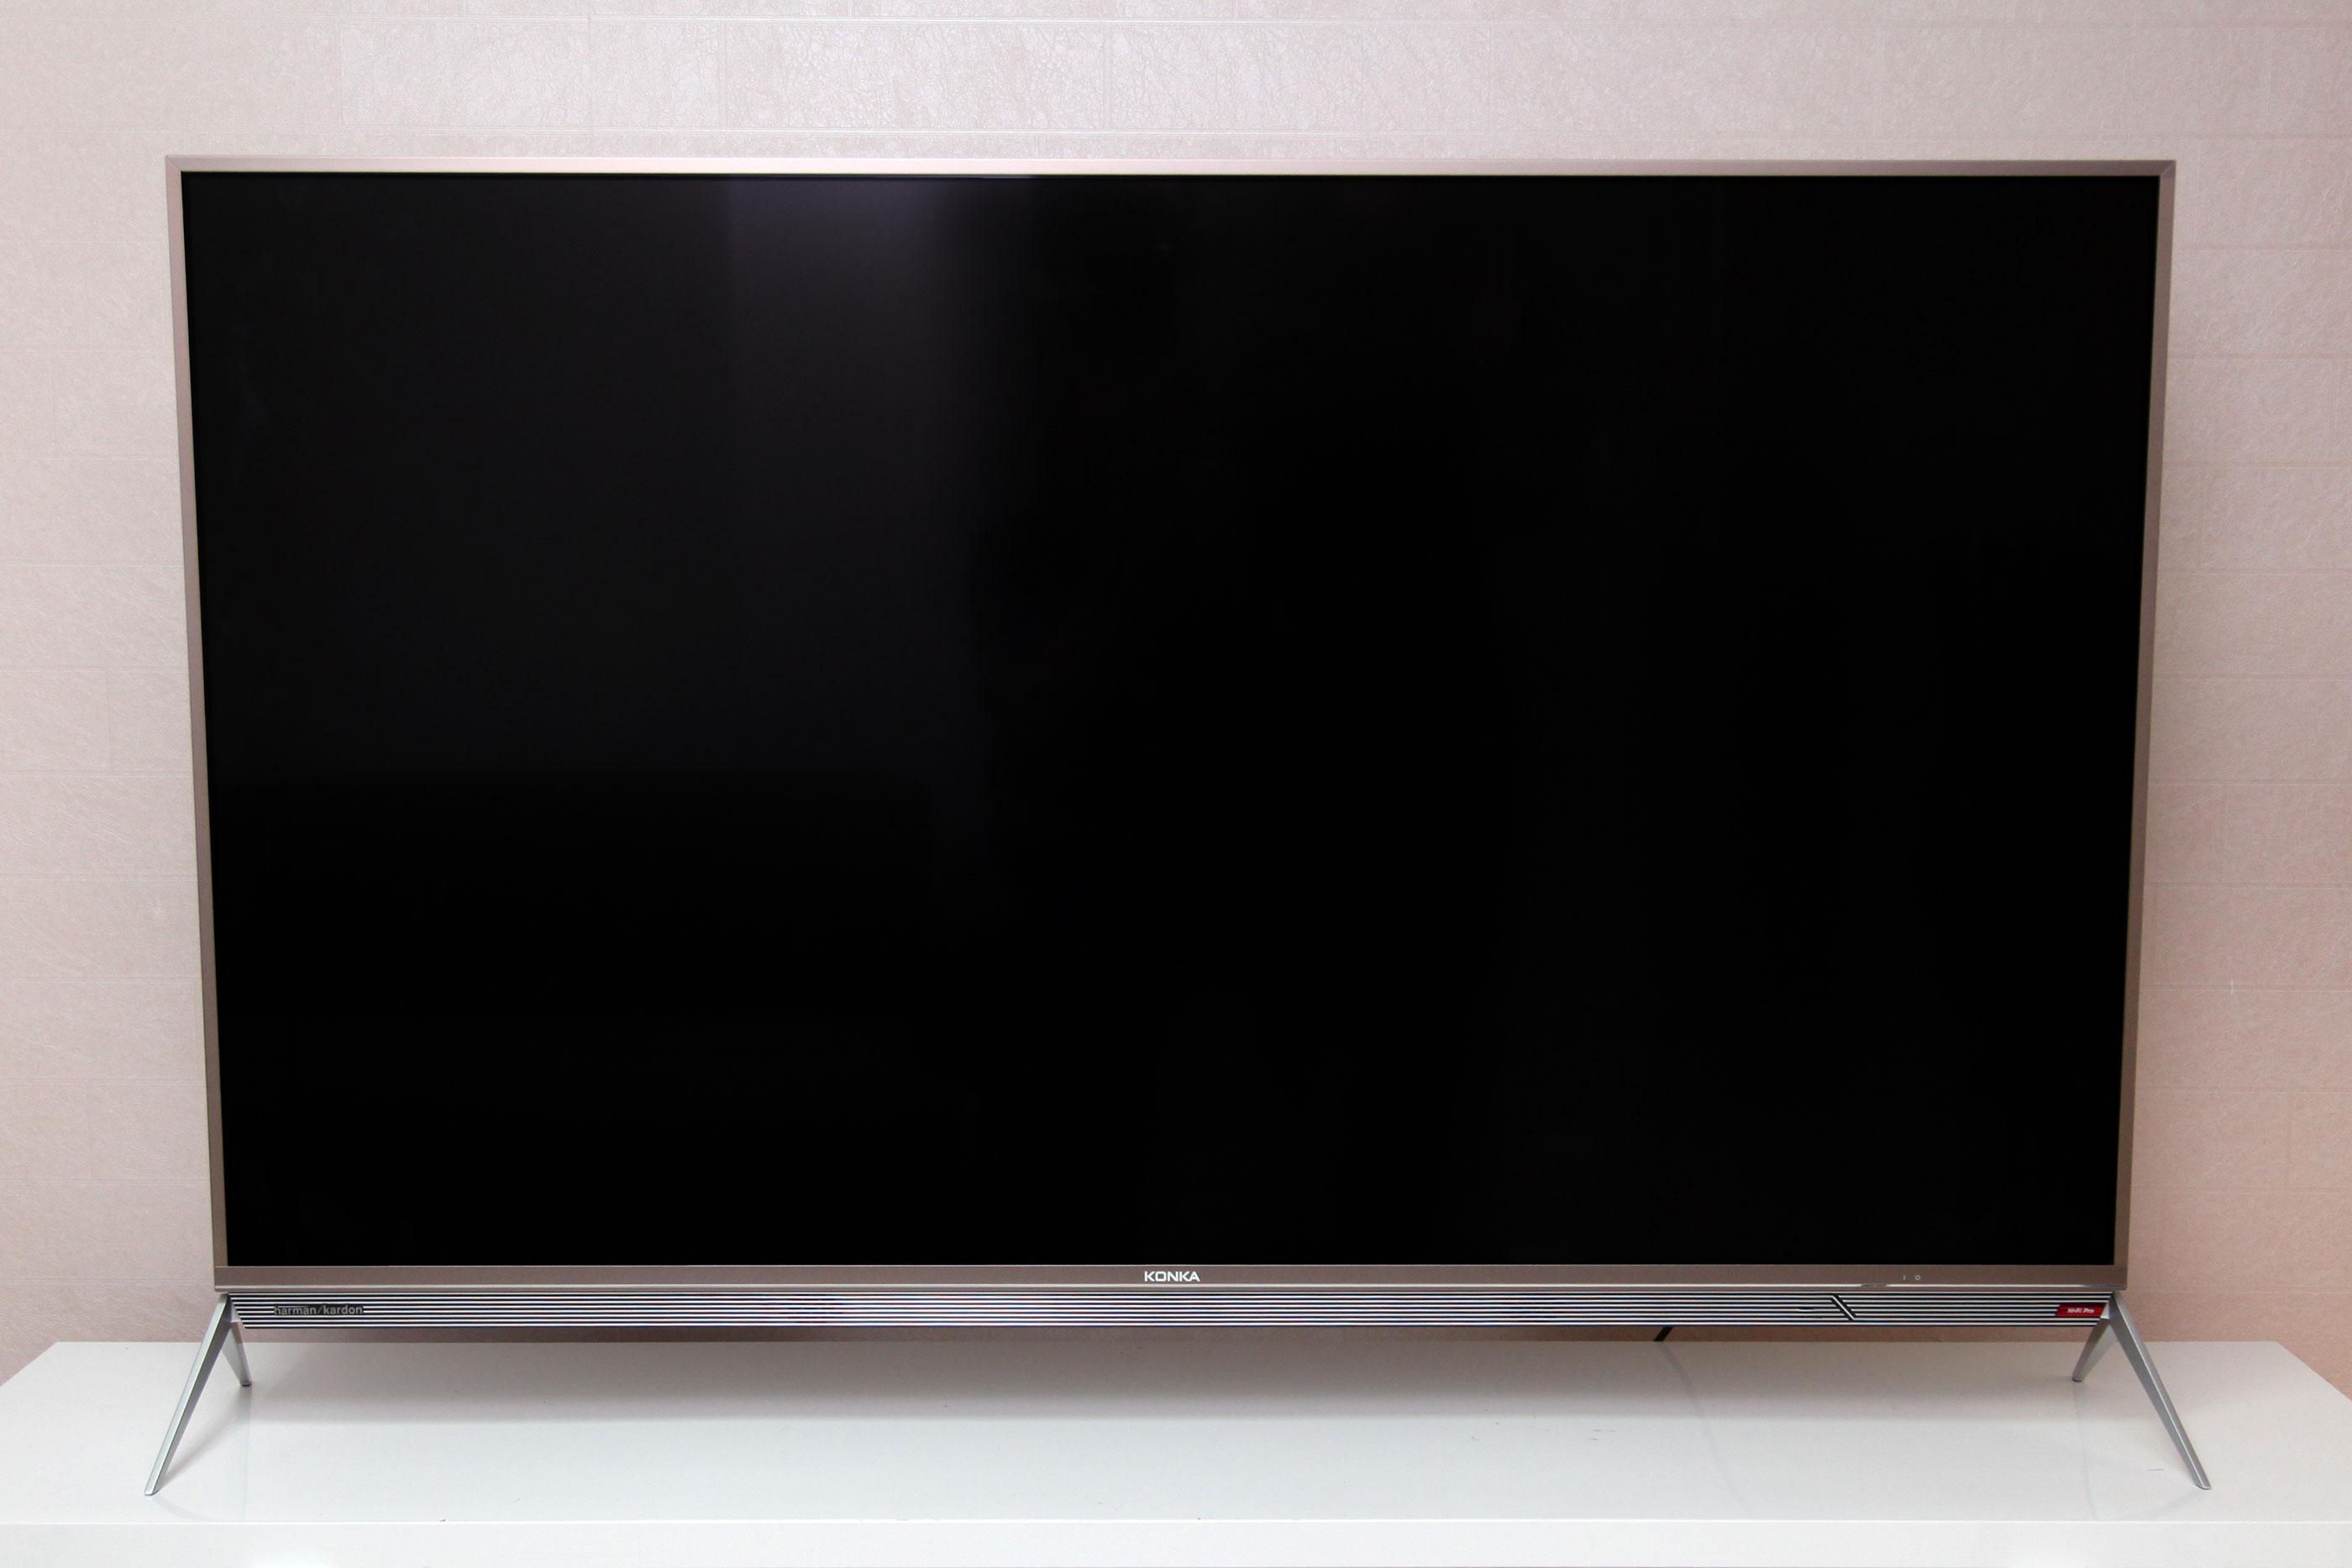 康佳變頻電視r1好不好 一款強大的變頻電視